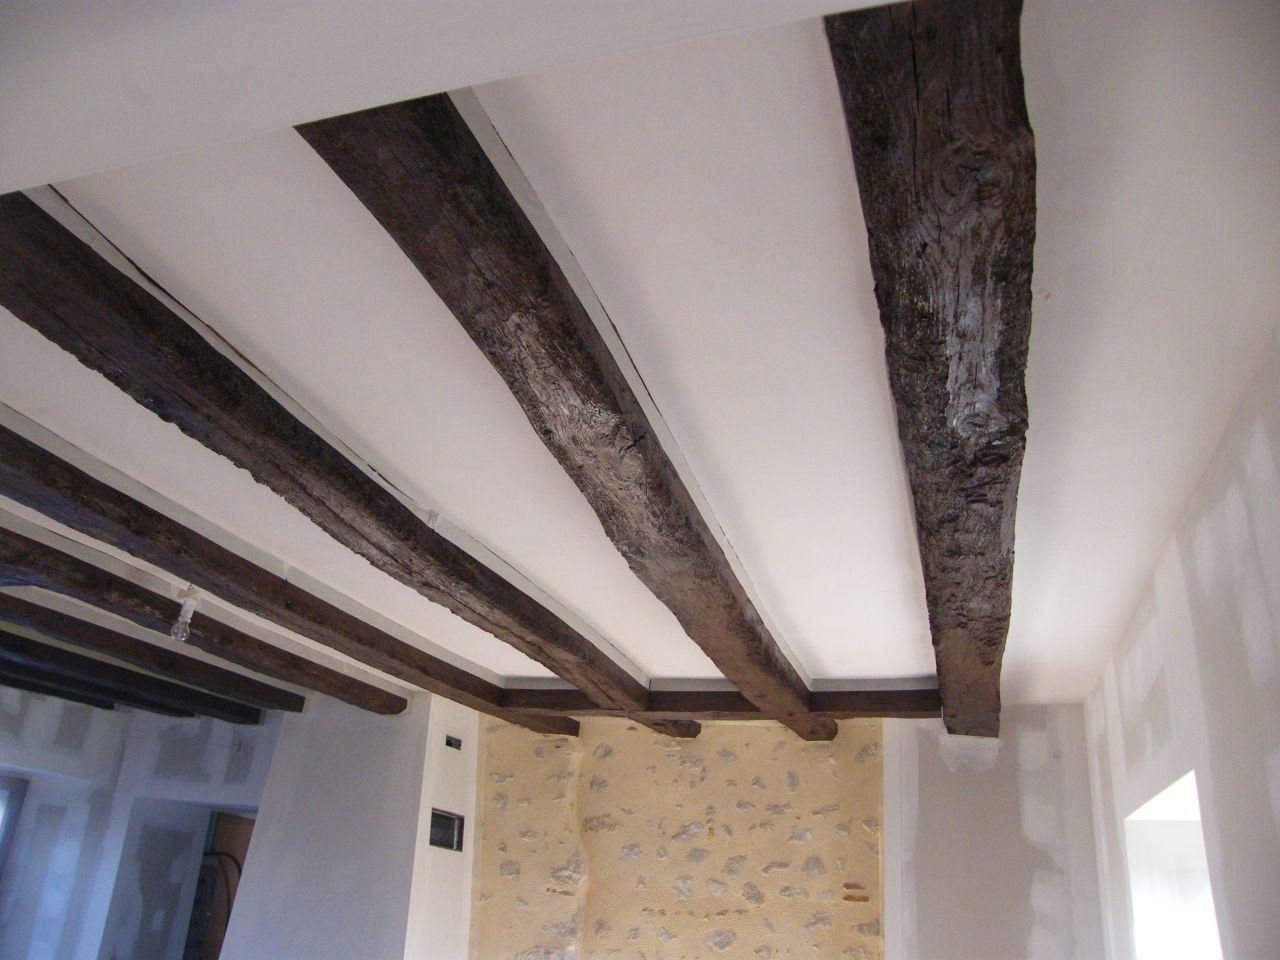 Photo lasure des poutres du plancher peinture blanche au plafond peinture - Peinture poutre plafond ...